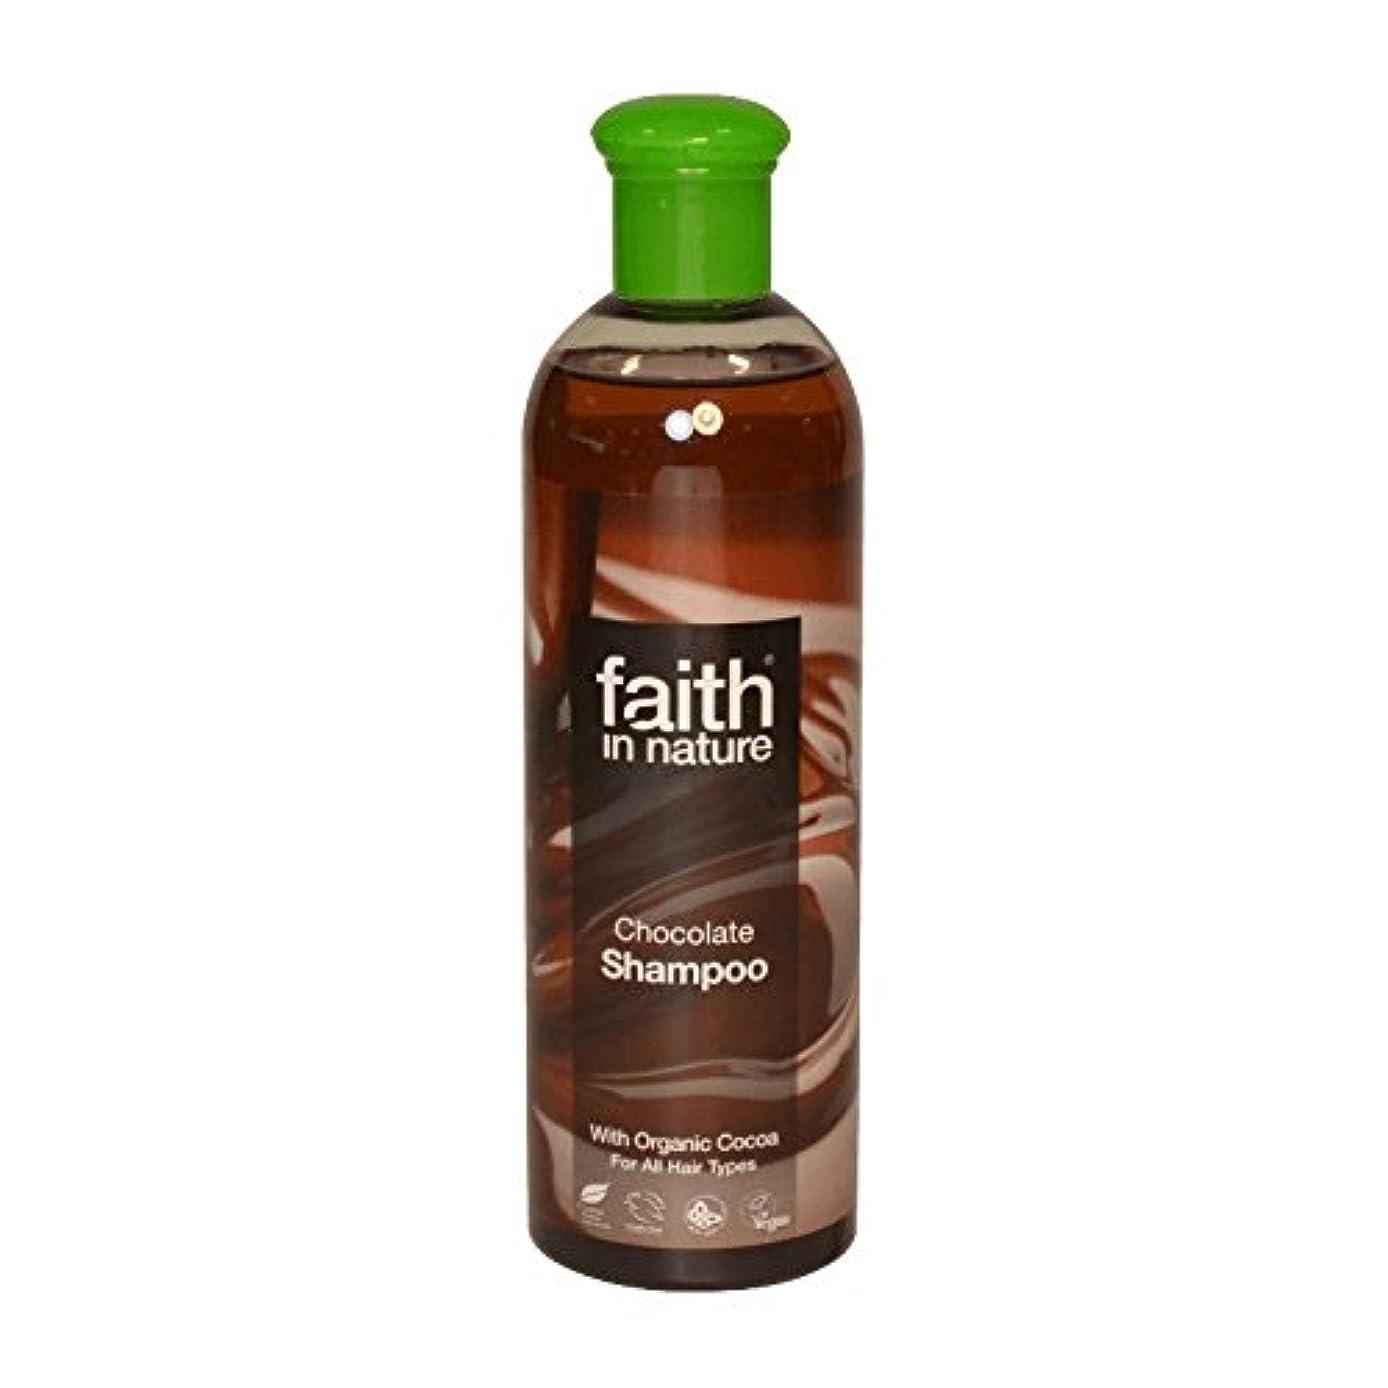 シャー科学者通行料金Faith in Nature Chocolate Shampoo 400ml (Pack of 6) - 自然チョコレートシャンプー400ミリリットルの信仰 (x6) [並行輸入品]